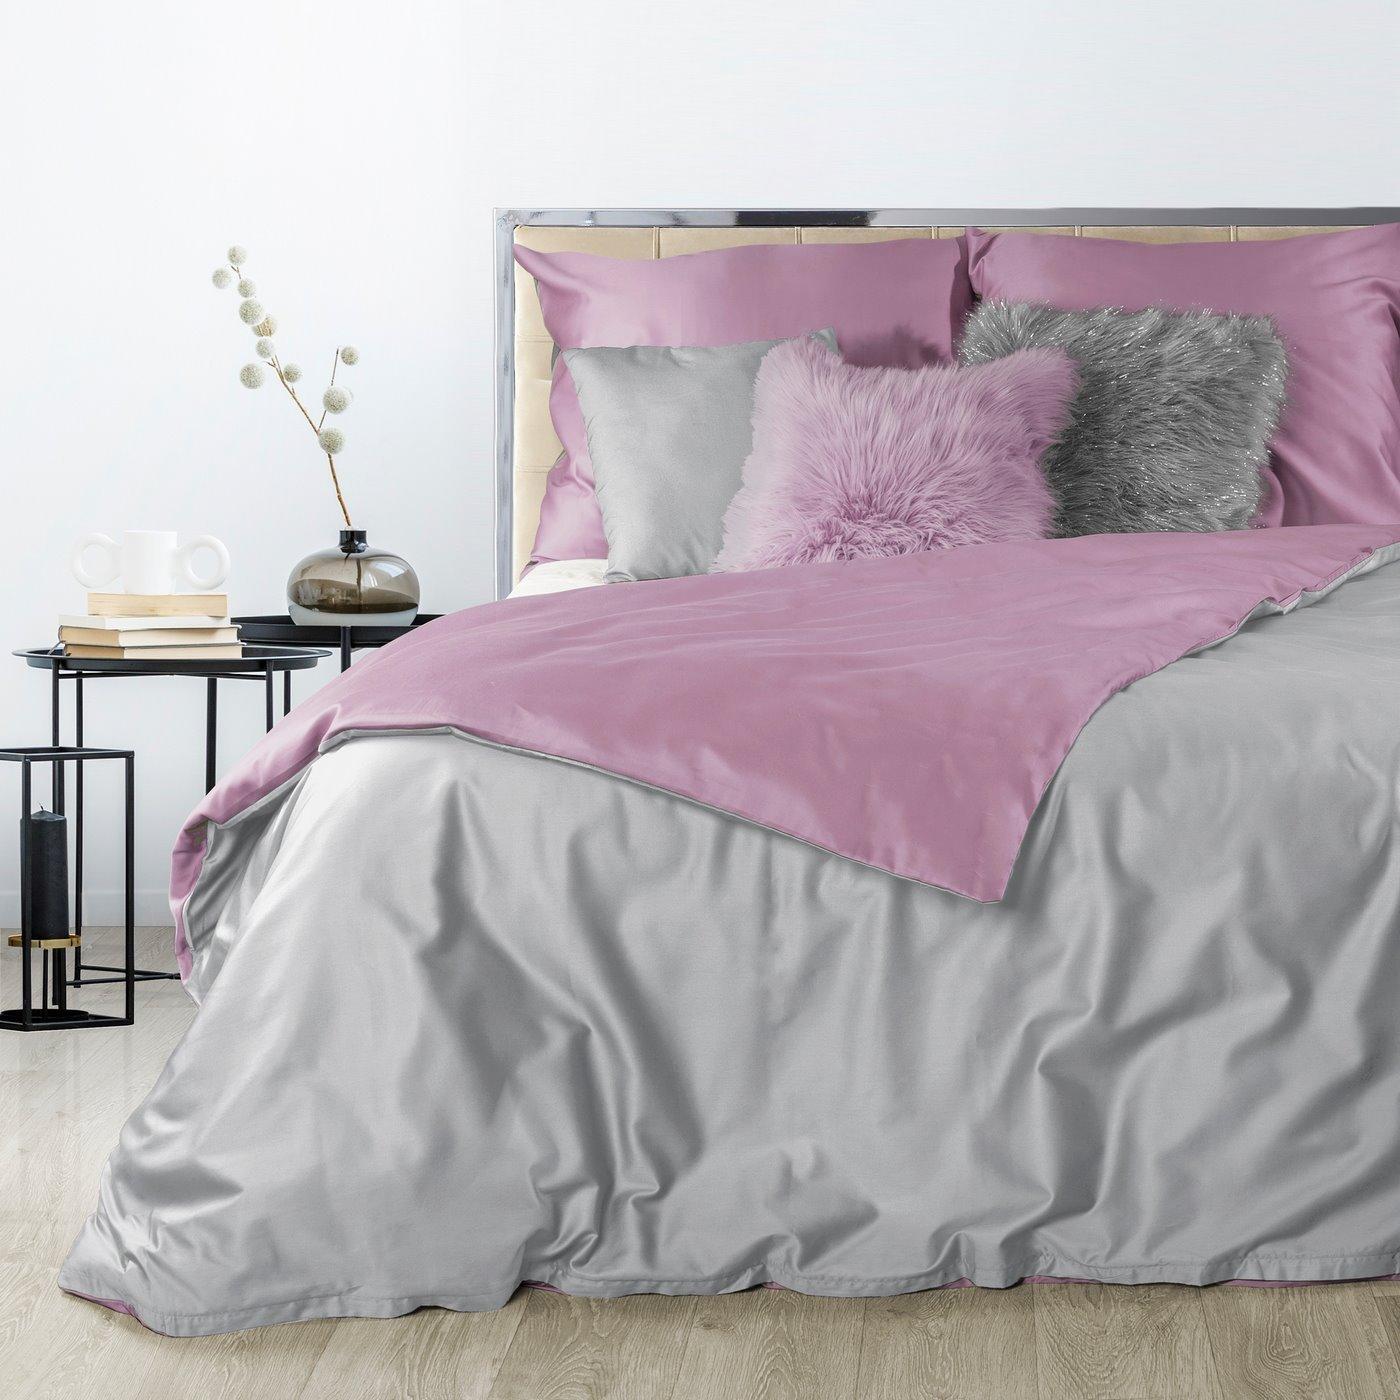 Komplet pościeli z makosatyny bawełnianej 160 x 200 cm, 2szt. 70 x 80 cm, popielato-różowy